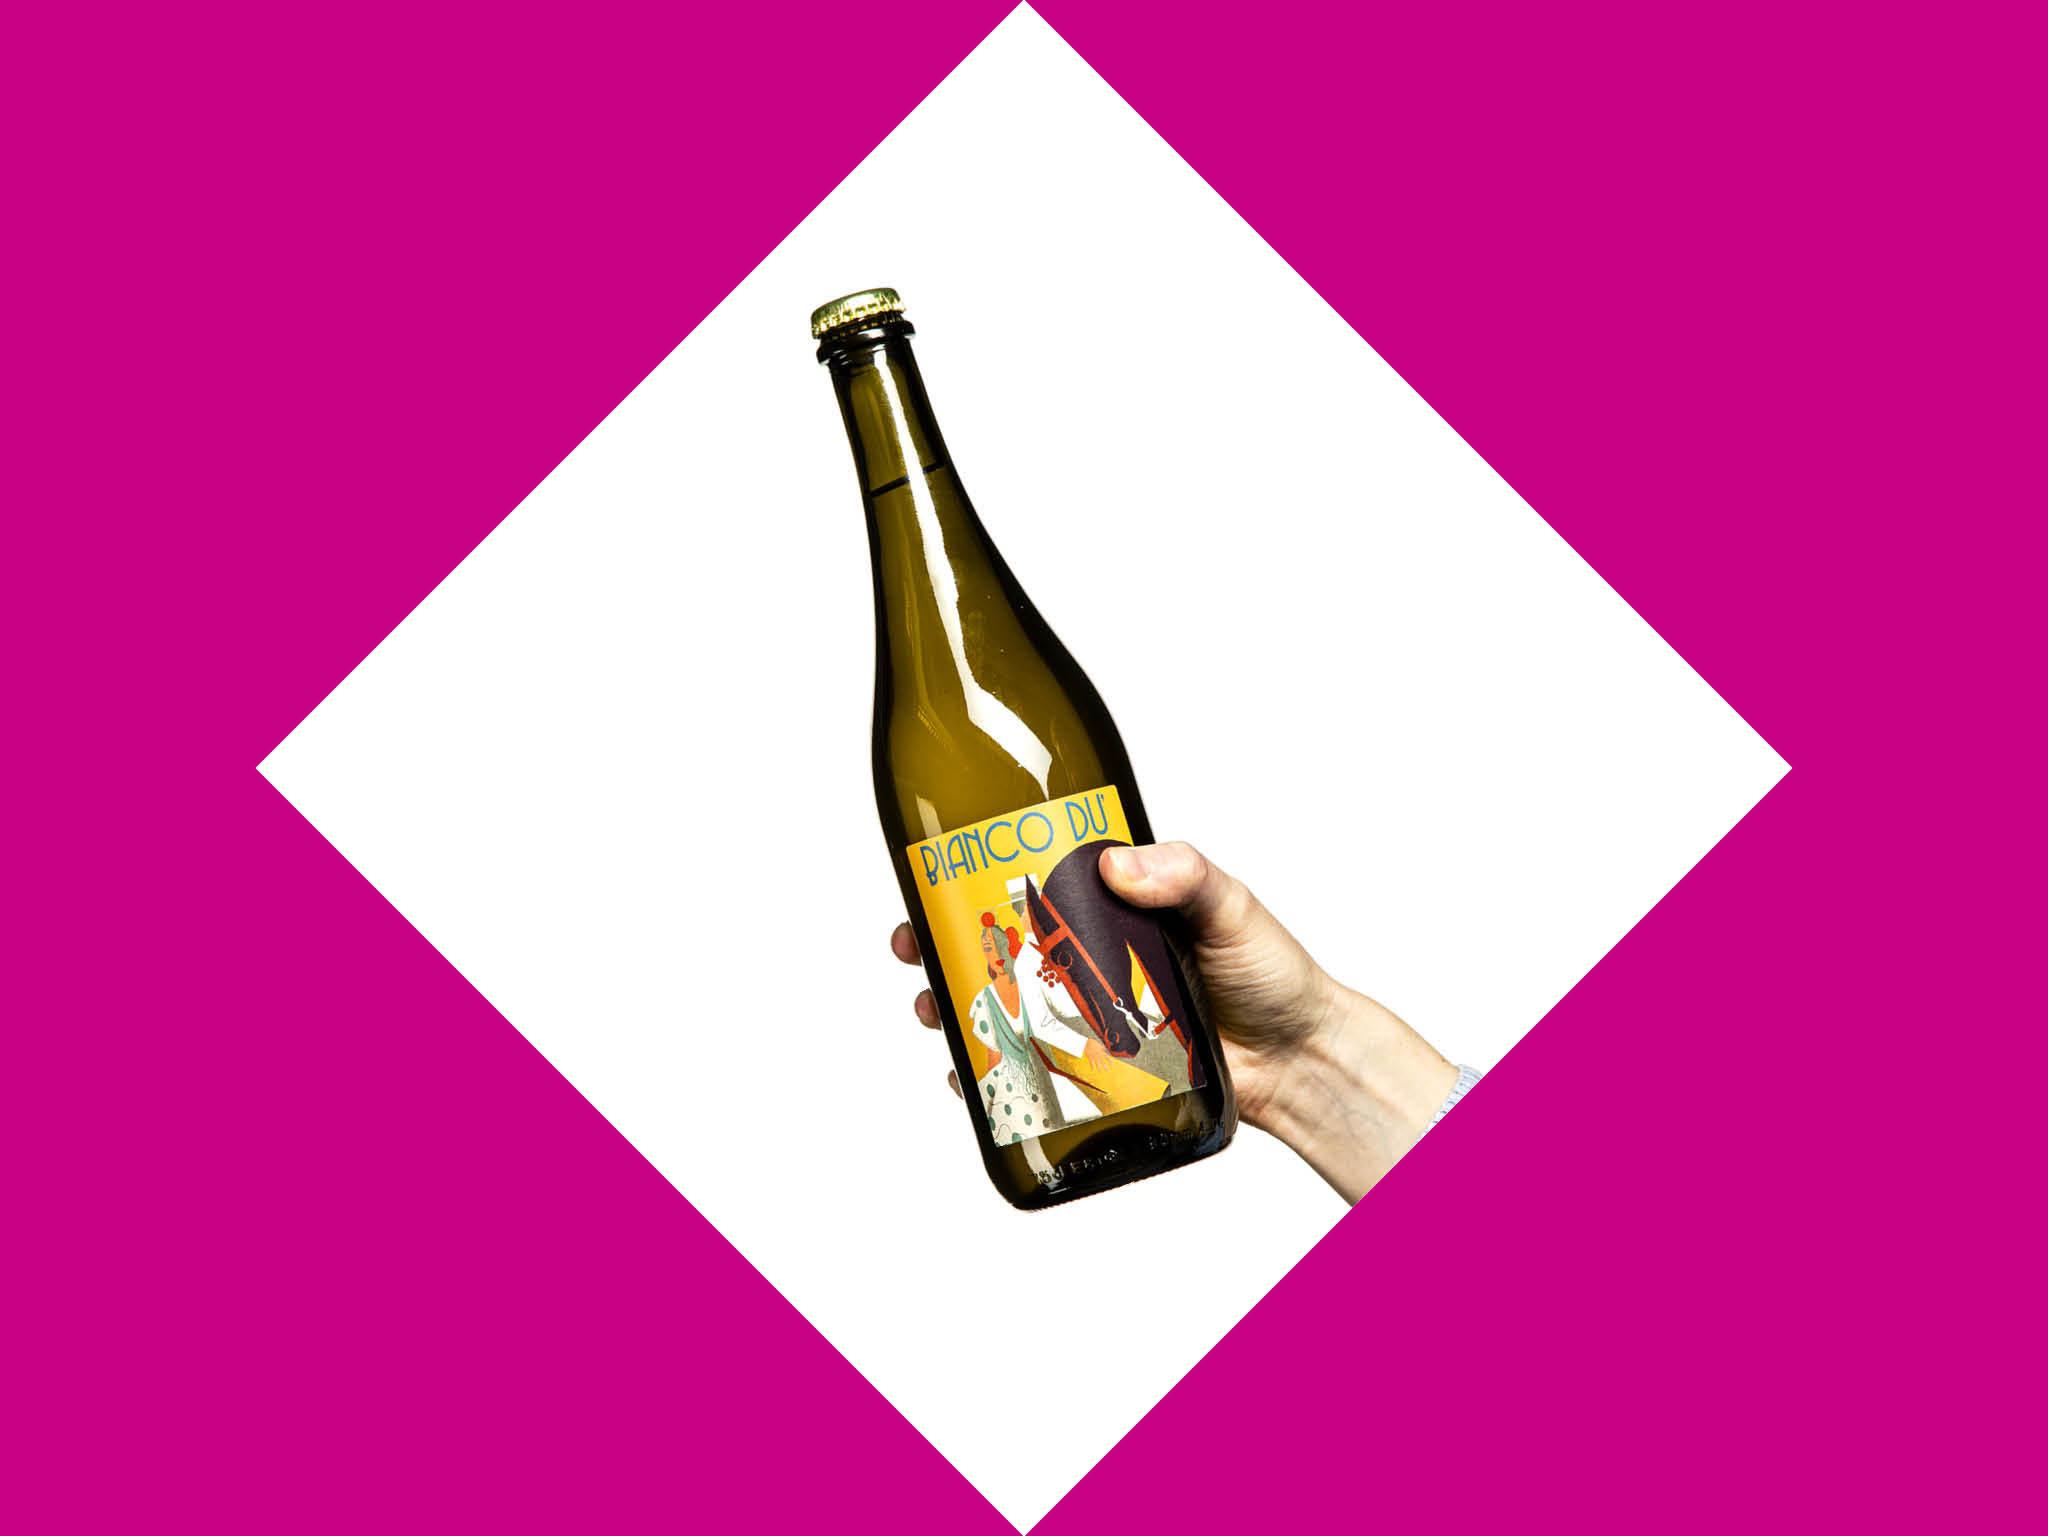 natural wine, bianco du